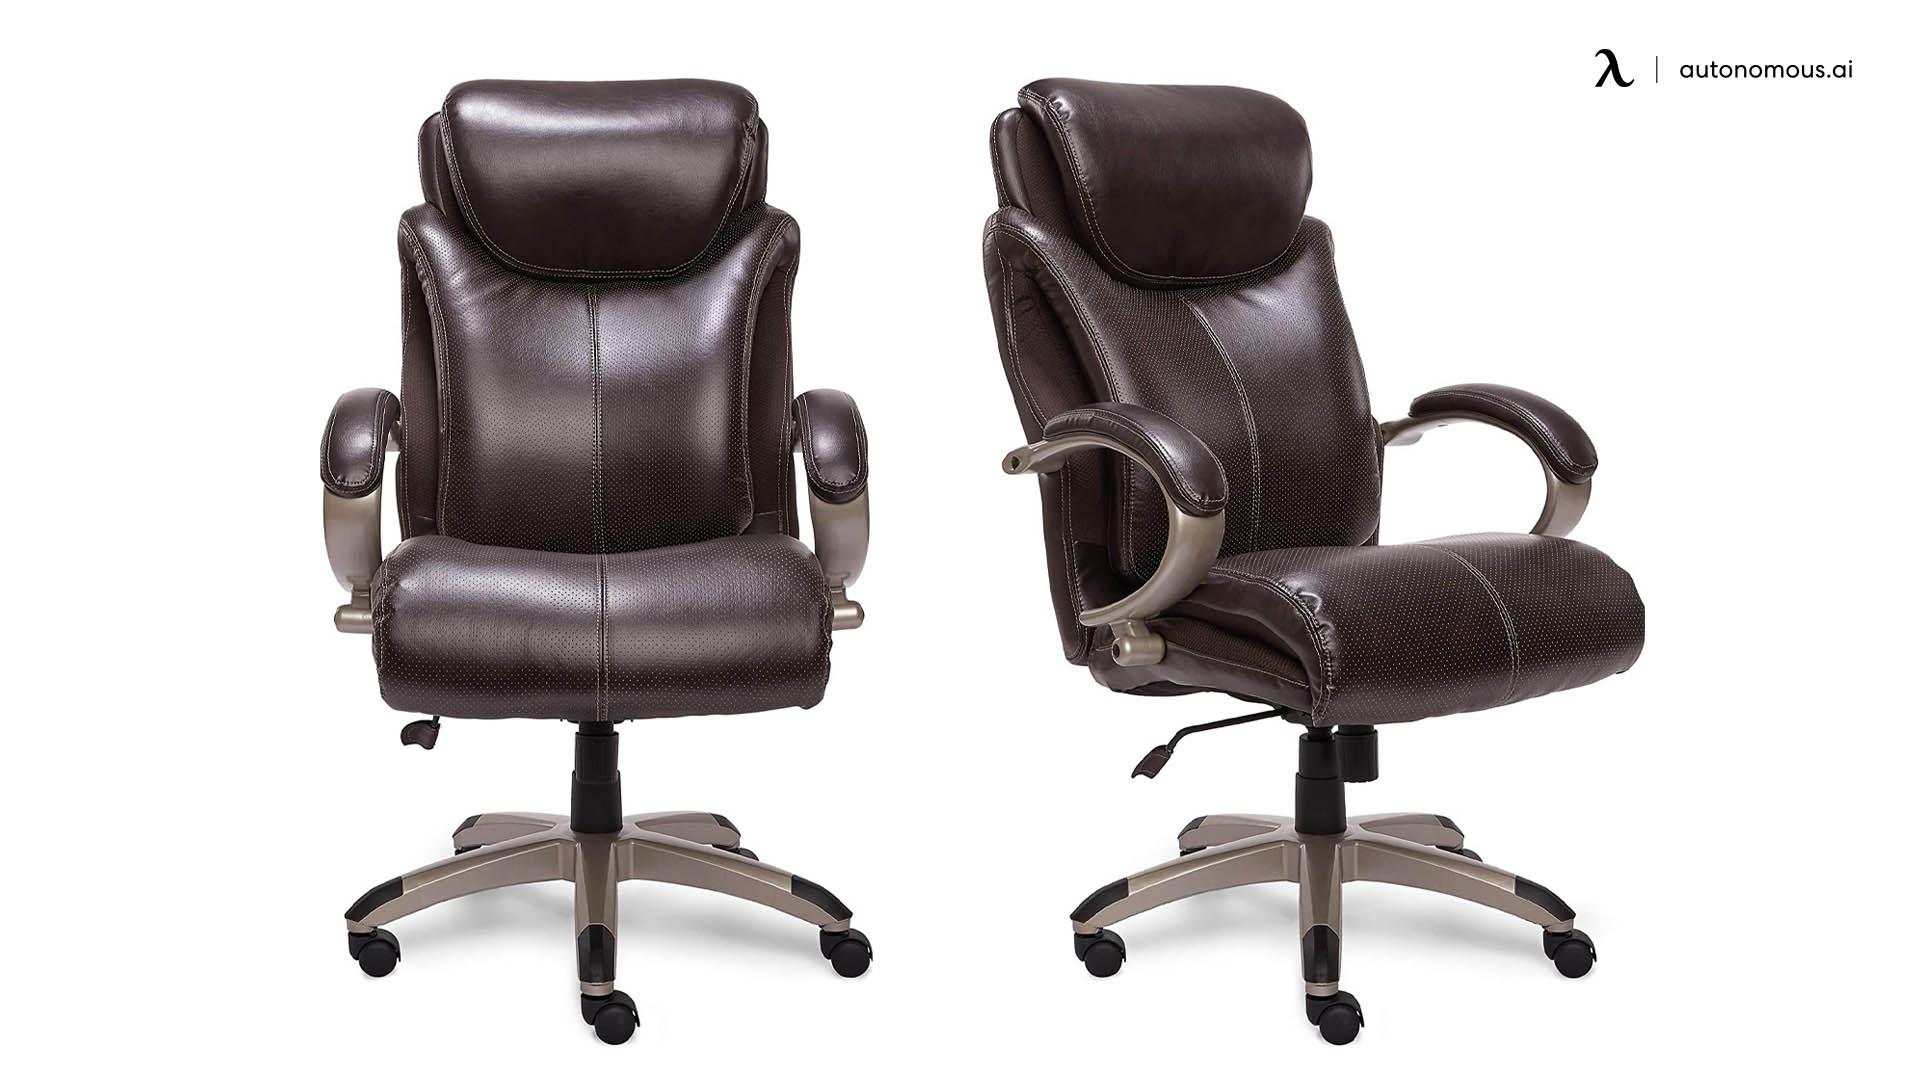 Serta Air Health Chair